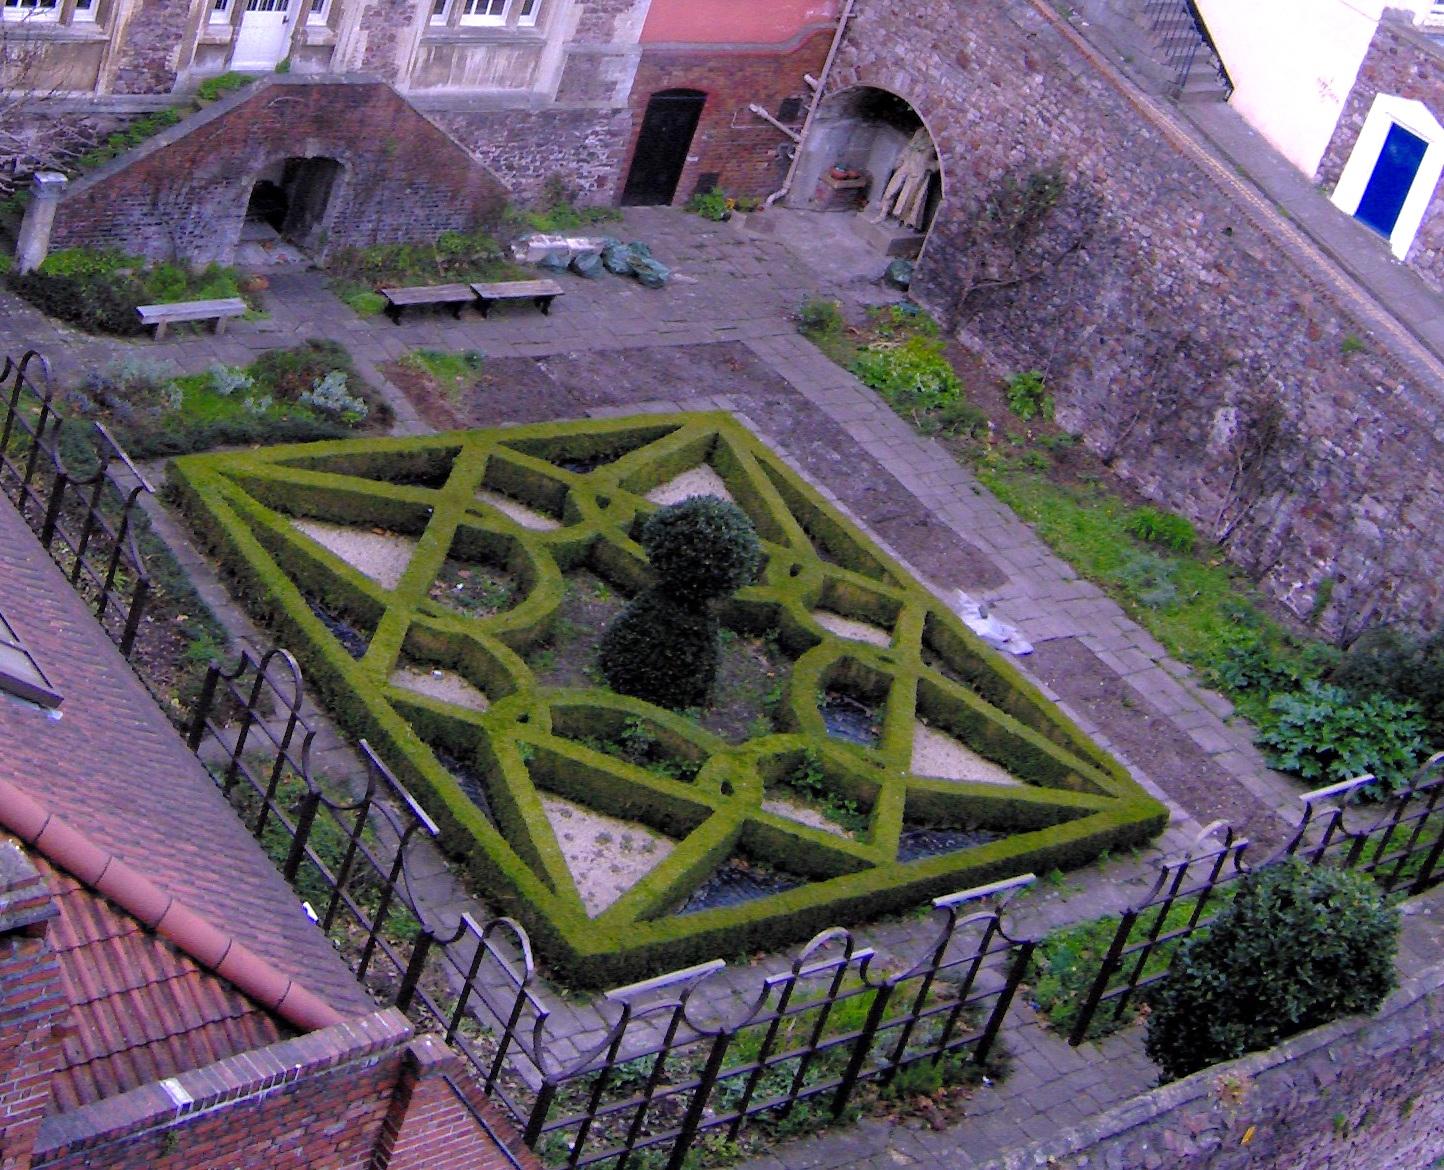 jardim do tipo Knot Garden, a origem é inglesa, mas a influência francesa fica clara